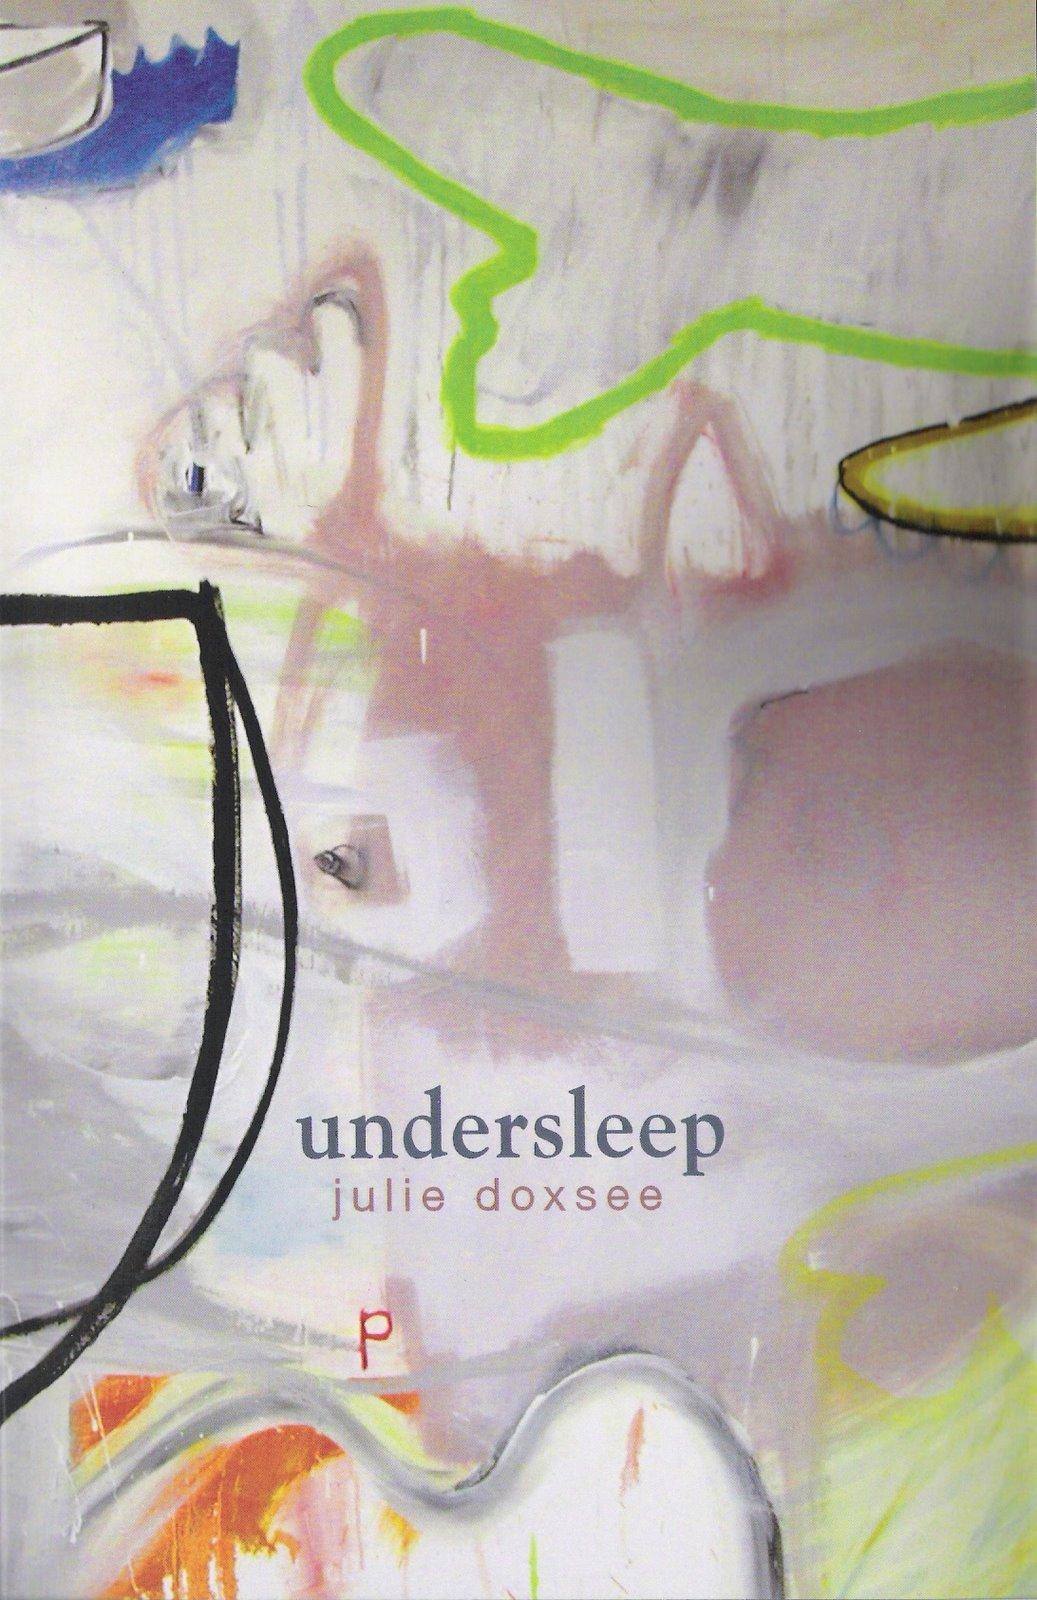 UNDERSLEEP Julie Doxsee OCTOPUS BOOKS